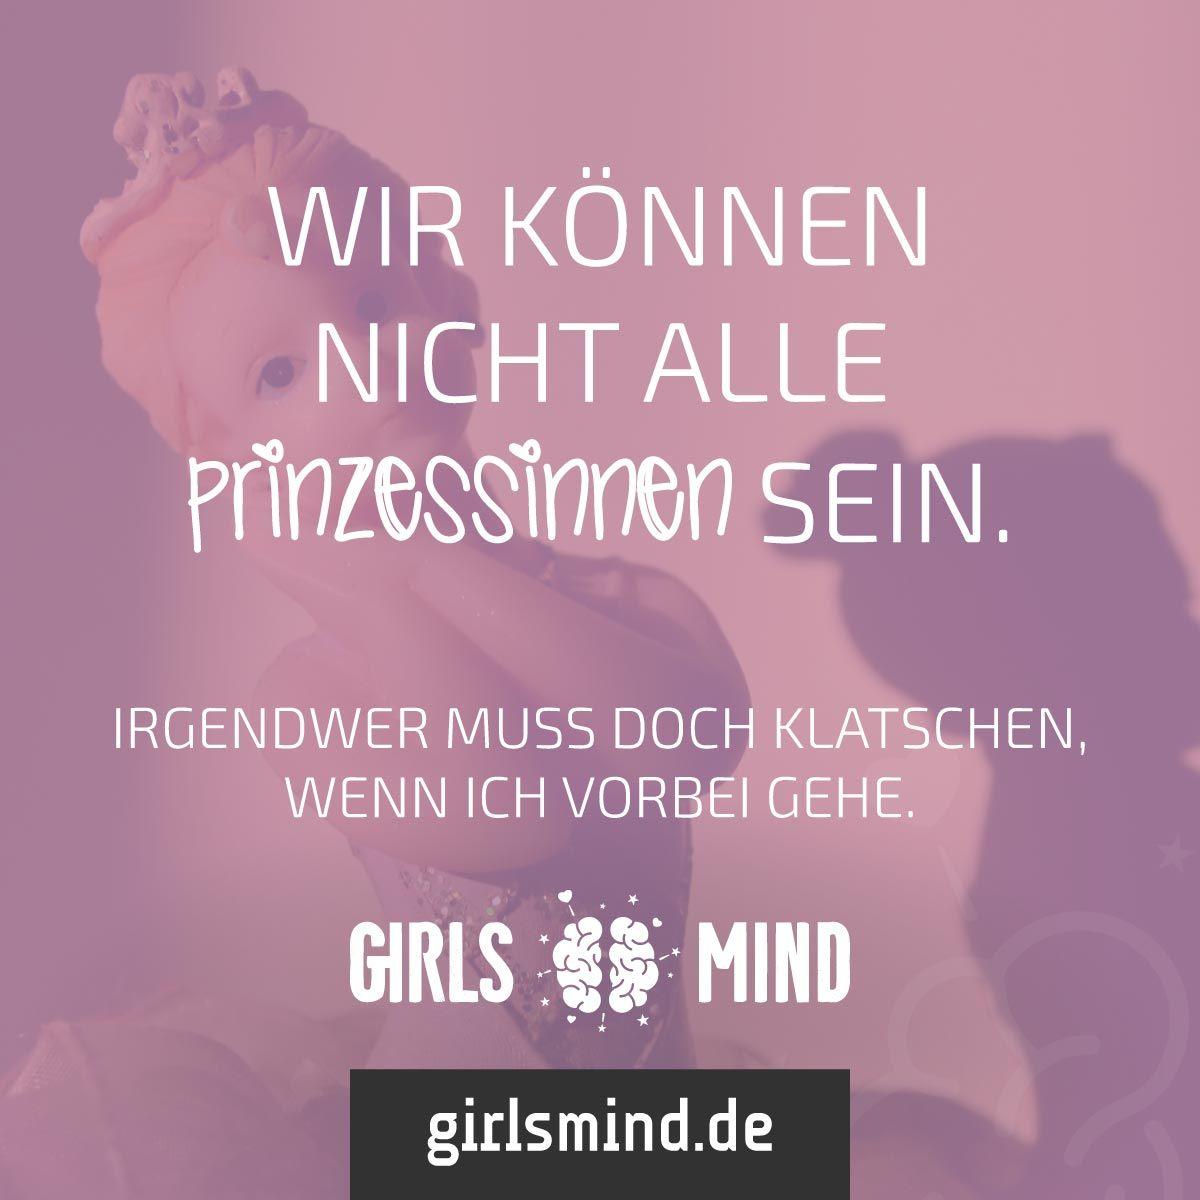 sprüche prinzessin Es kann nur eine geben ;) Mehr Sprüche auf: .girlsmind.de  sprüche prinzessin